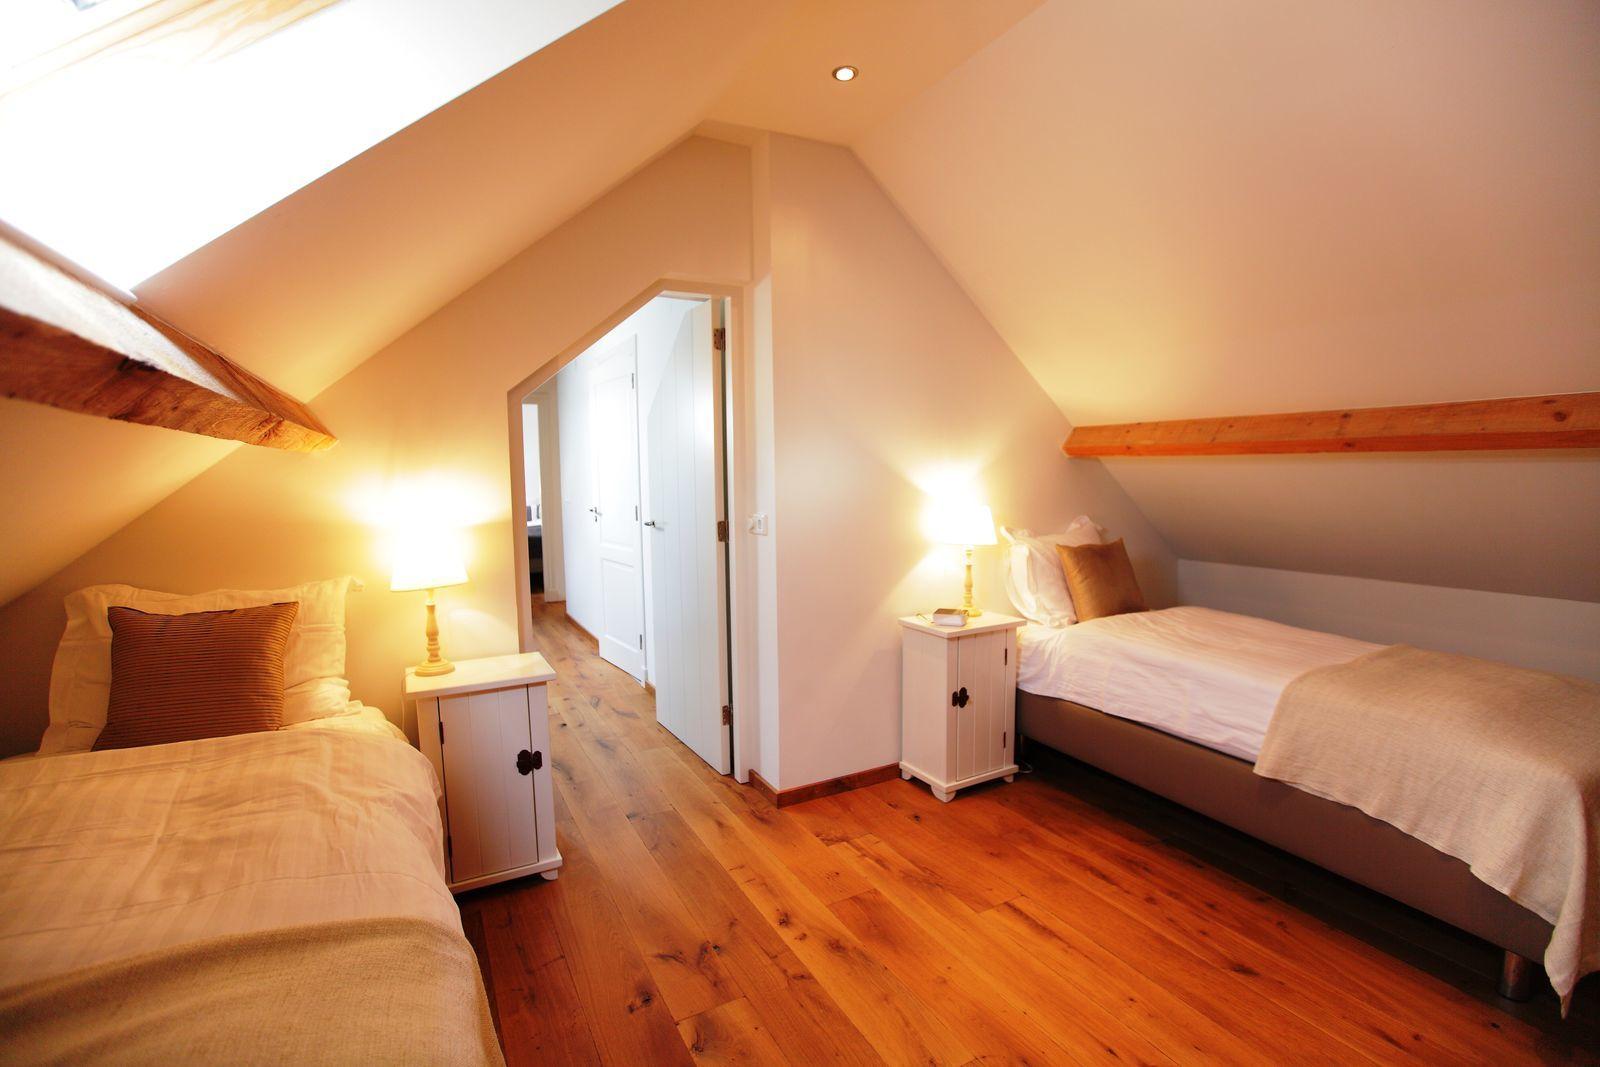 Landgoed St. Geertruid Legipont - vakantiehuis in Limburg met sauna en hottub